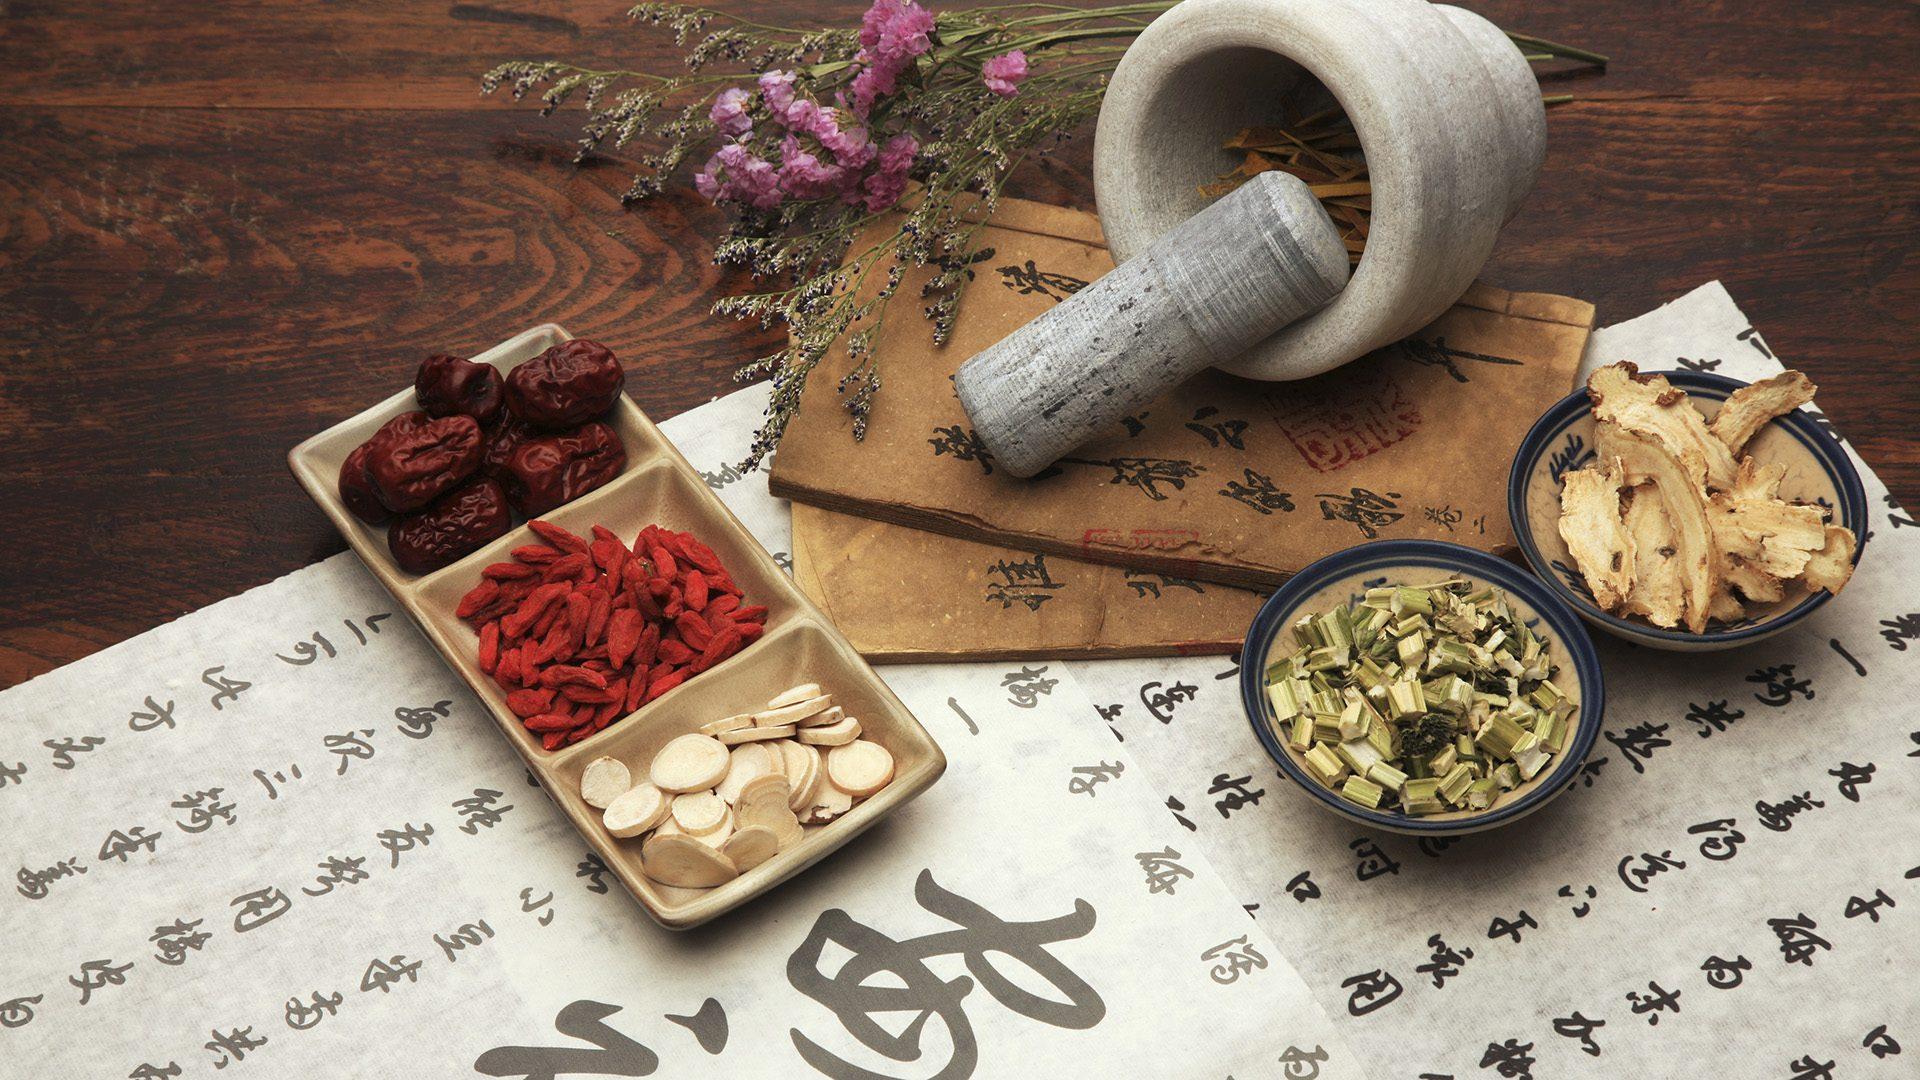 Fürstenallee Apotheke Traditionelle Chinesische Medizin